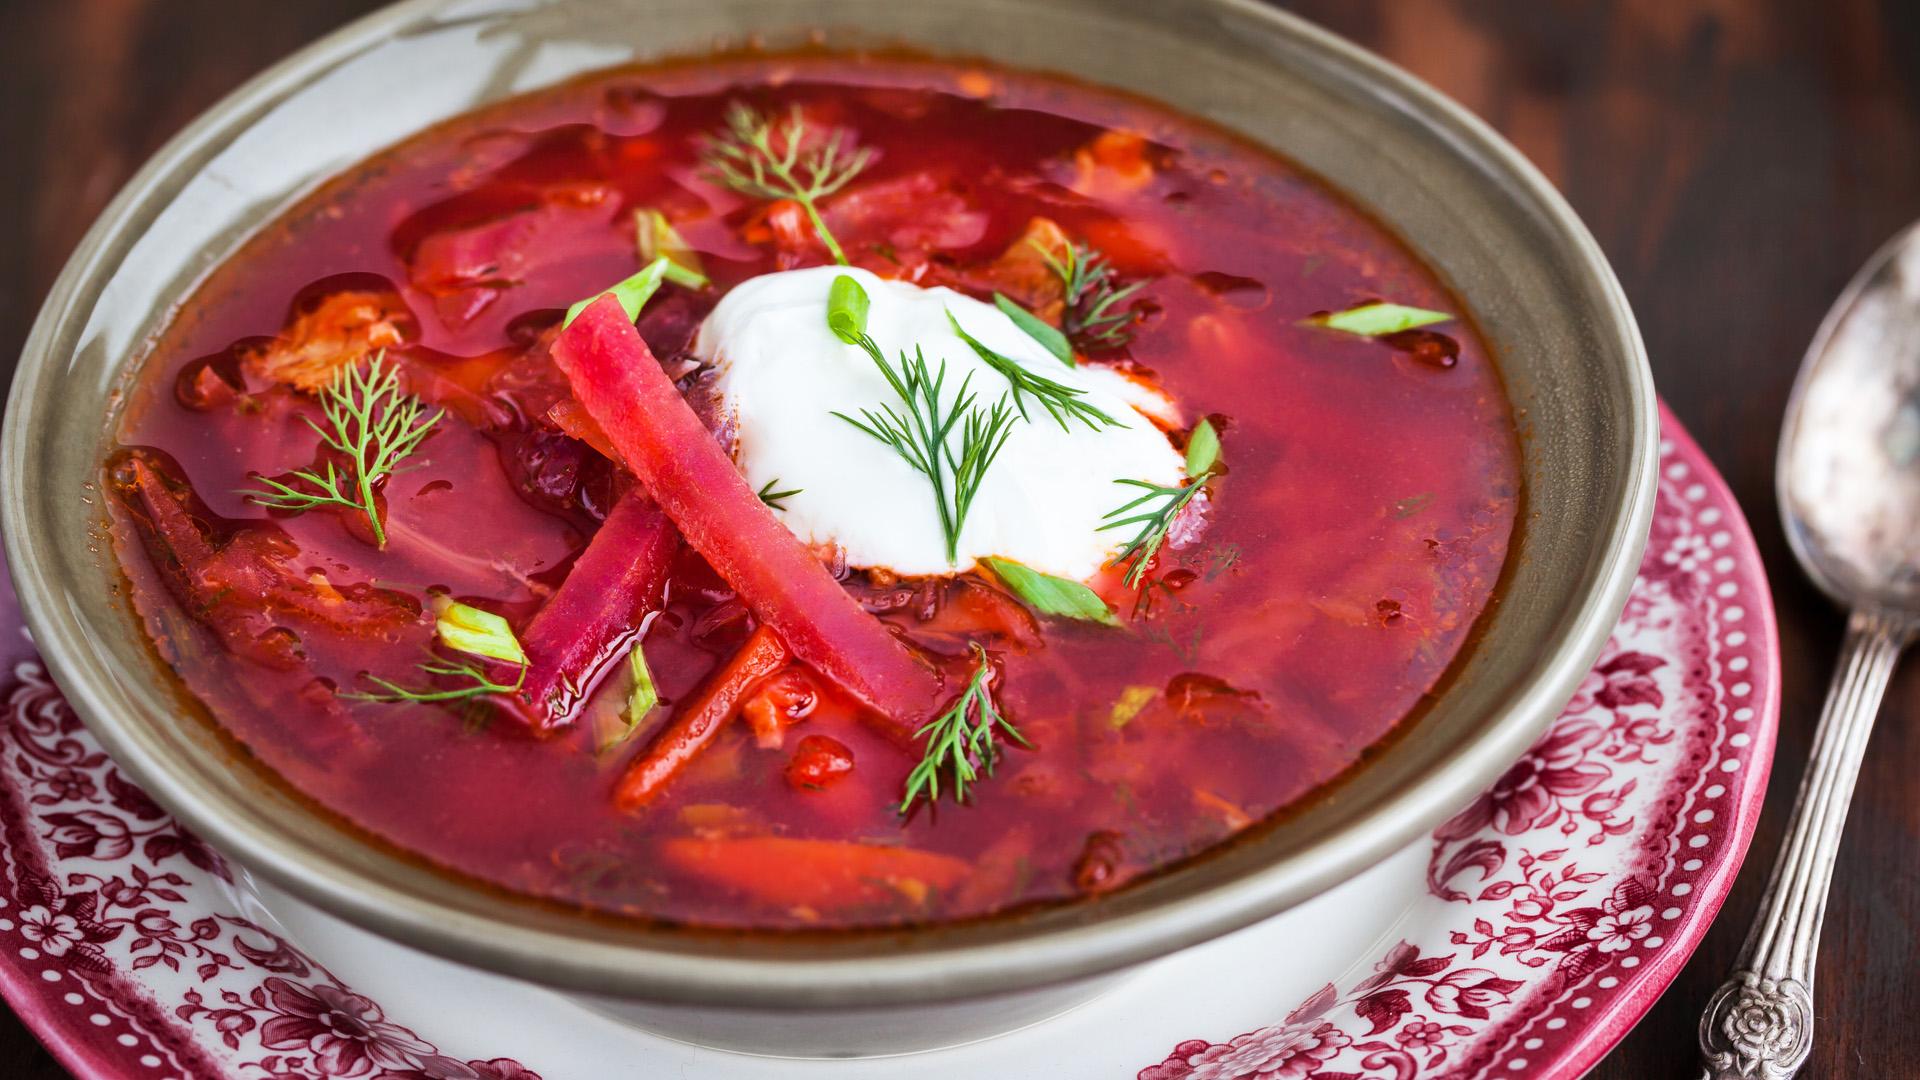 Bazi nagy ukrán leves, a borscs